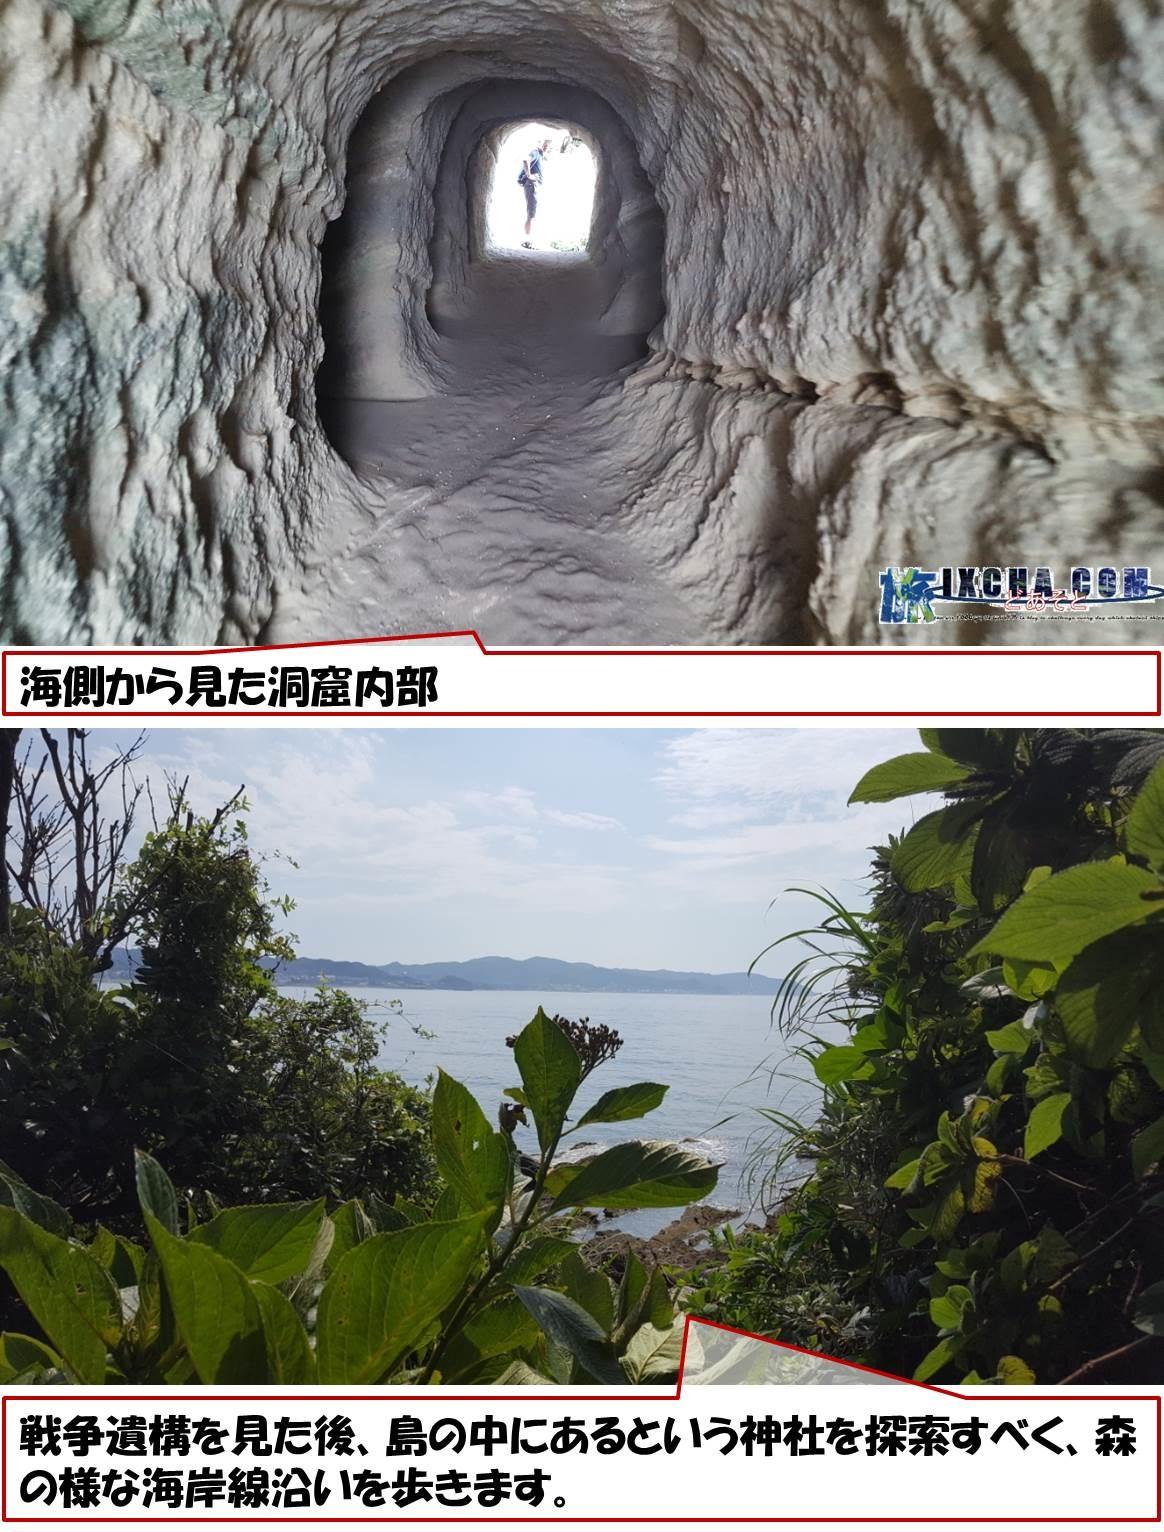 海側から見た洞窟内部 戦争遺構を見た後、島の中にあるという神社を探索すべく、森の様な海岸線沿いを歩きます。